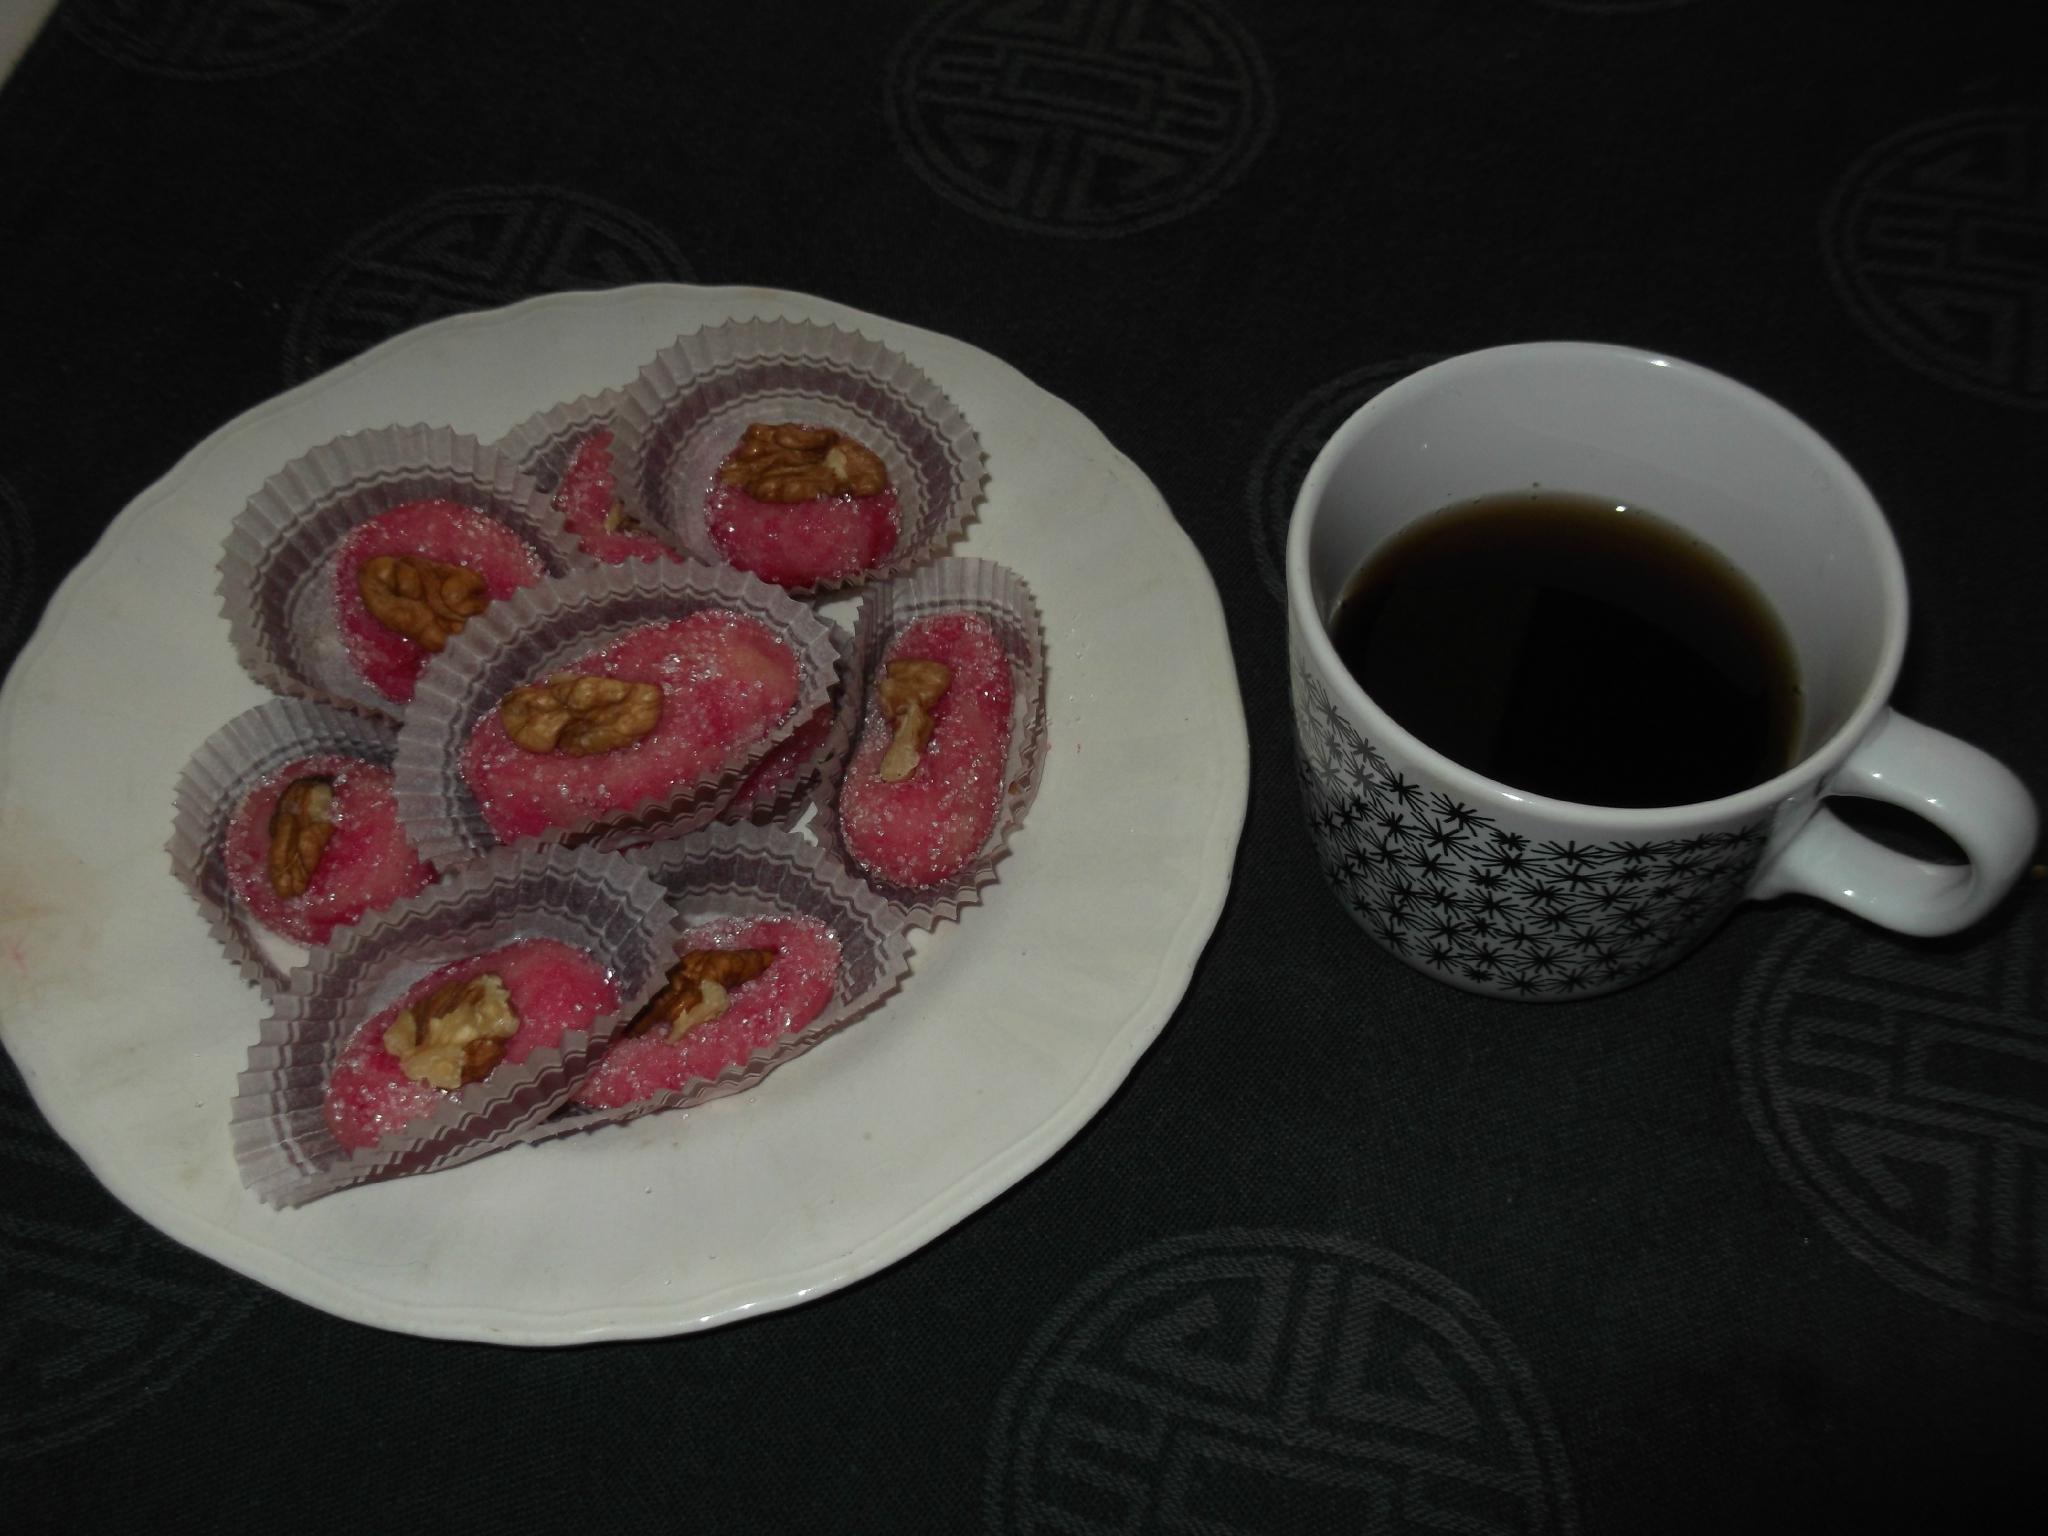 Les mercredis gourmands à l'heure du thé